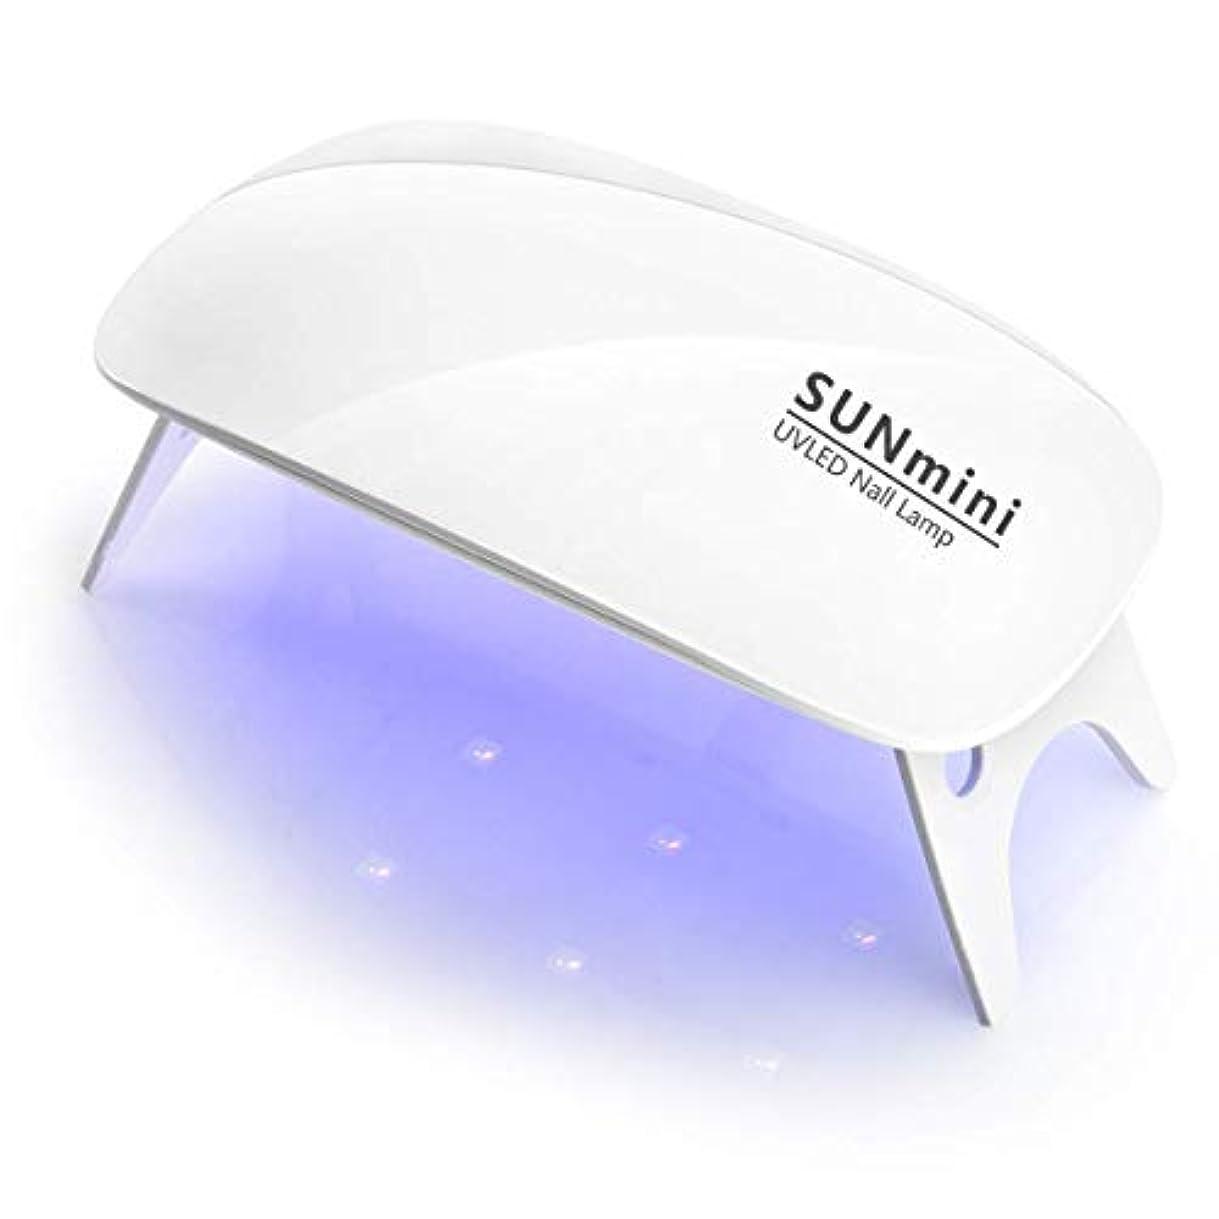 男らしい間違い裁判所LEDネイルドライヤー LEDジェルネイルドライヤー UVライト ジェルネイルライト usbライト 硬化ライト LED タイマー設定可能 折りたたみ式 軽量 持ち運び便利(ホワイト ネイルファイルが付け) FACAI